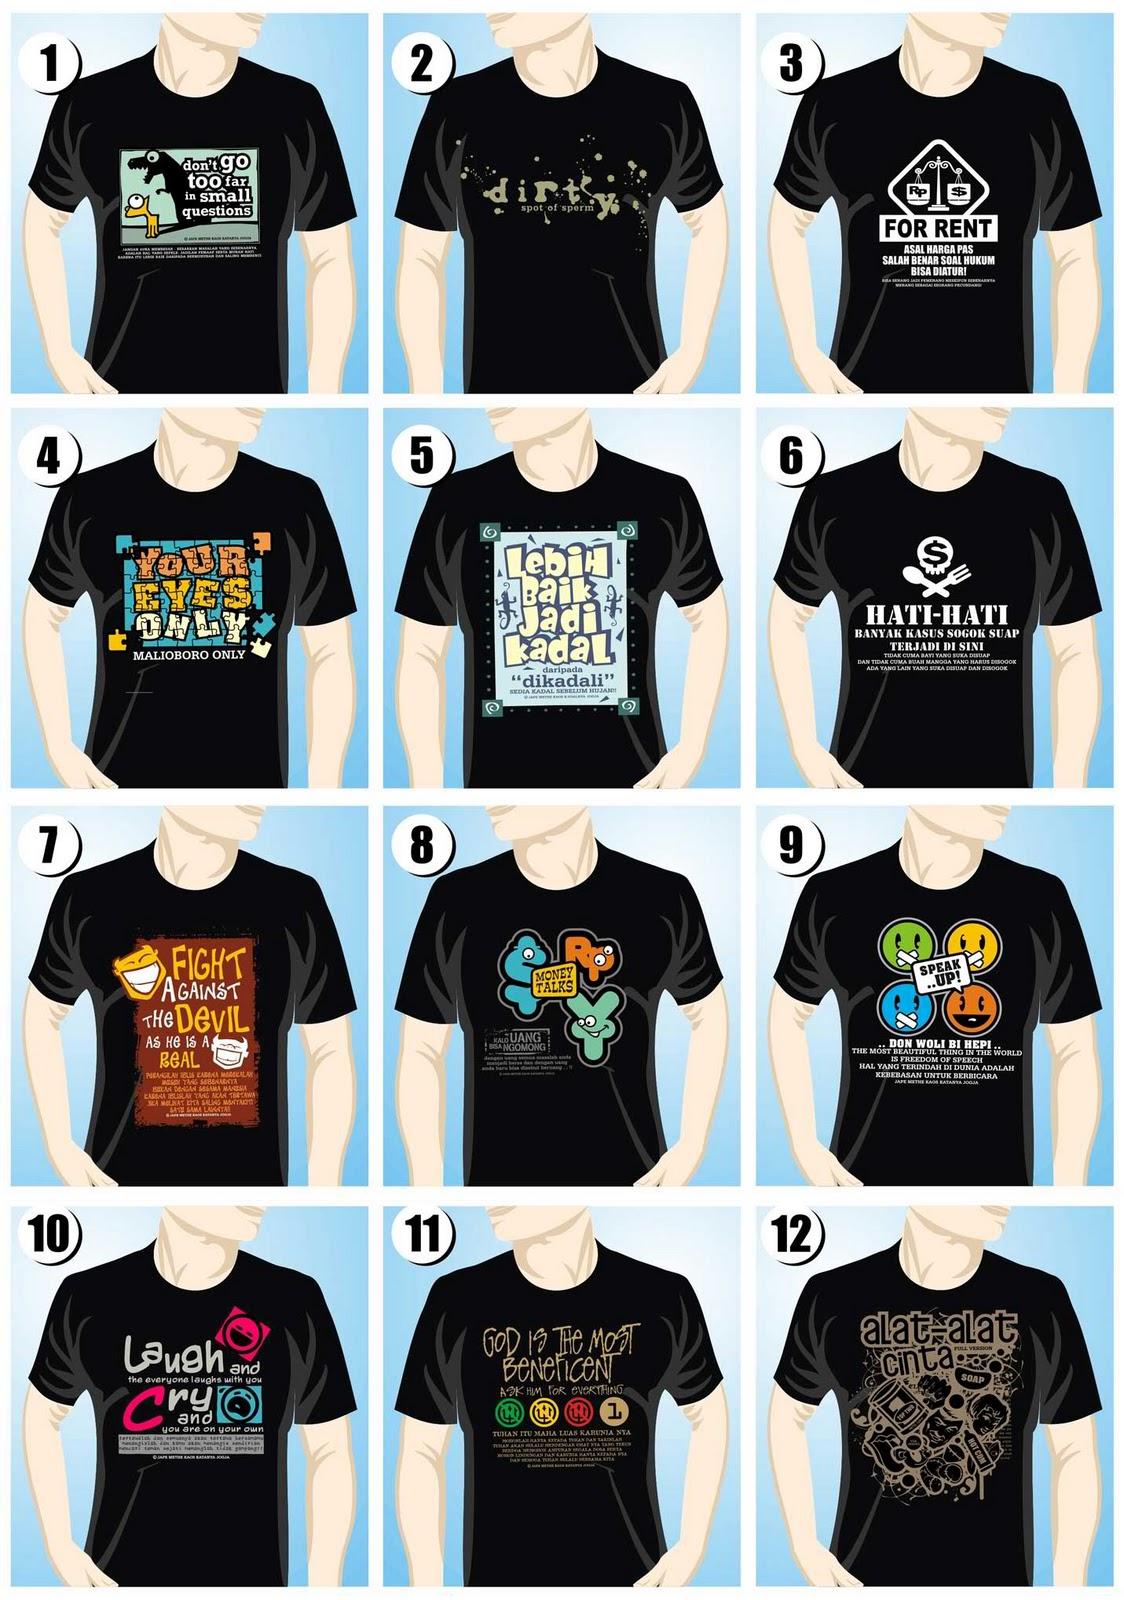 Desain Kaos Distro Kata Kata - Koleksi Gambar HD